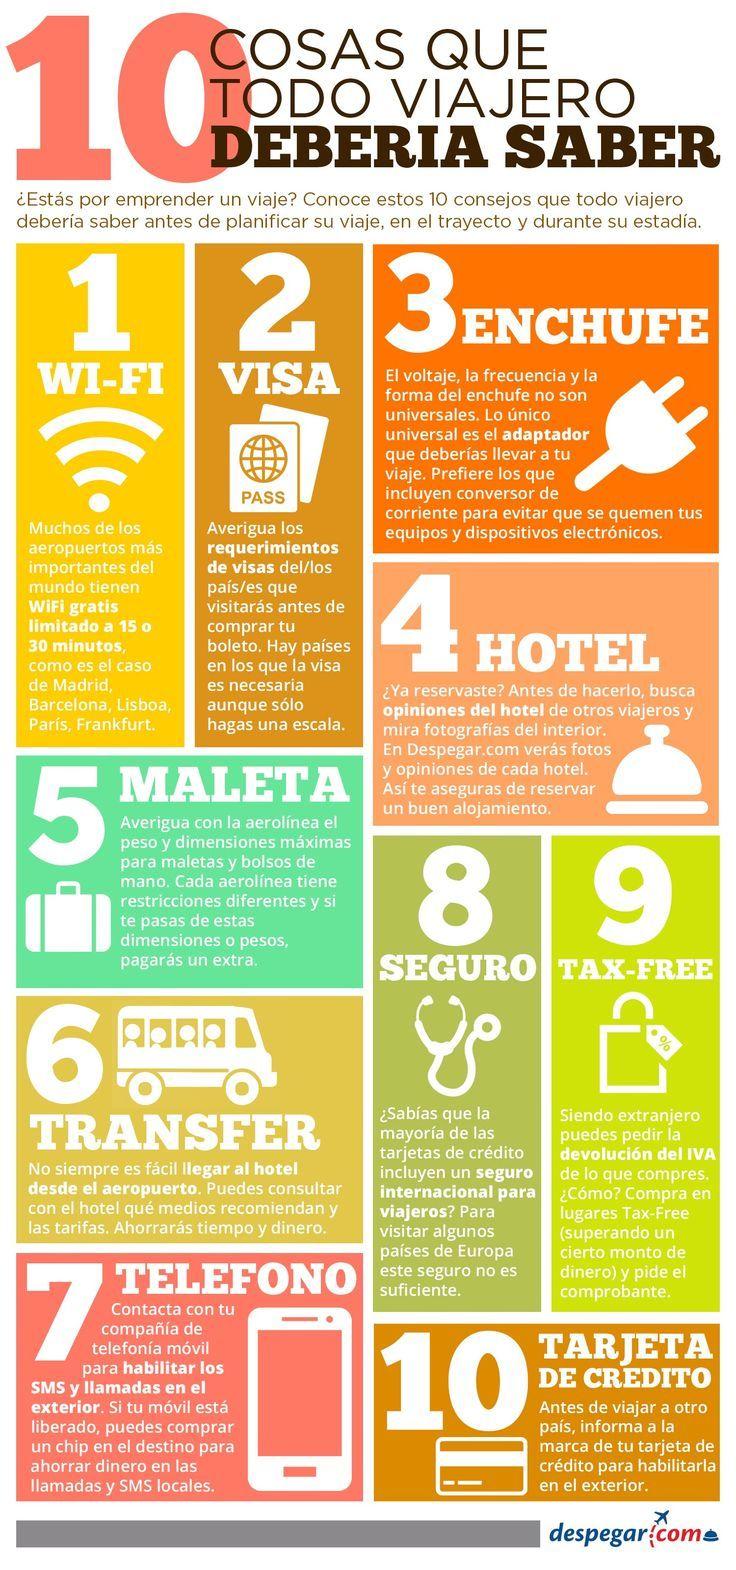 10 consejos que deberías tener en cuenta antes de organizar un viaje.